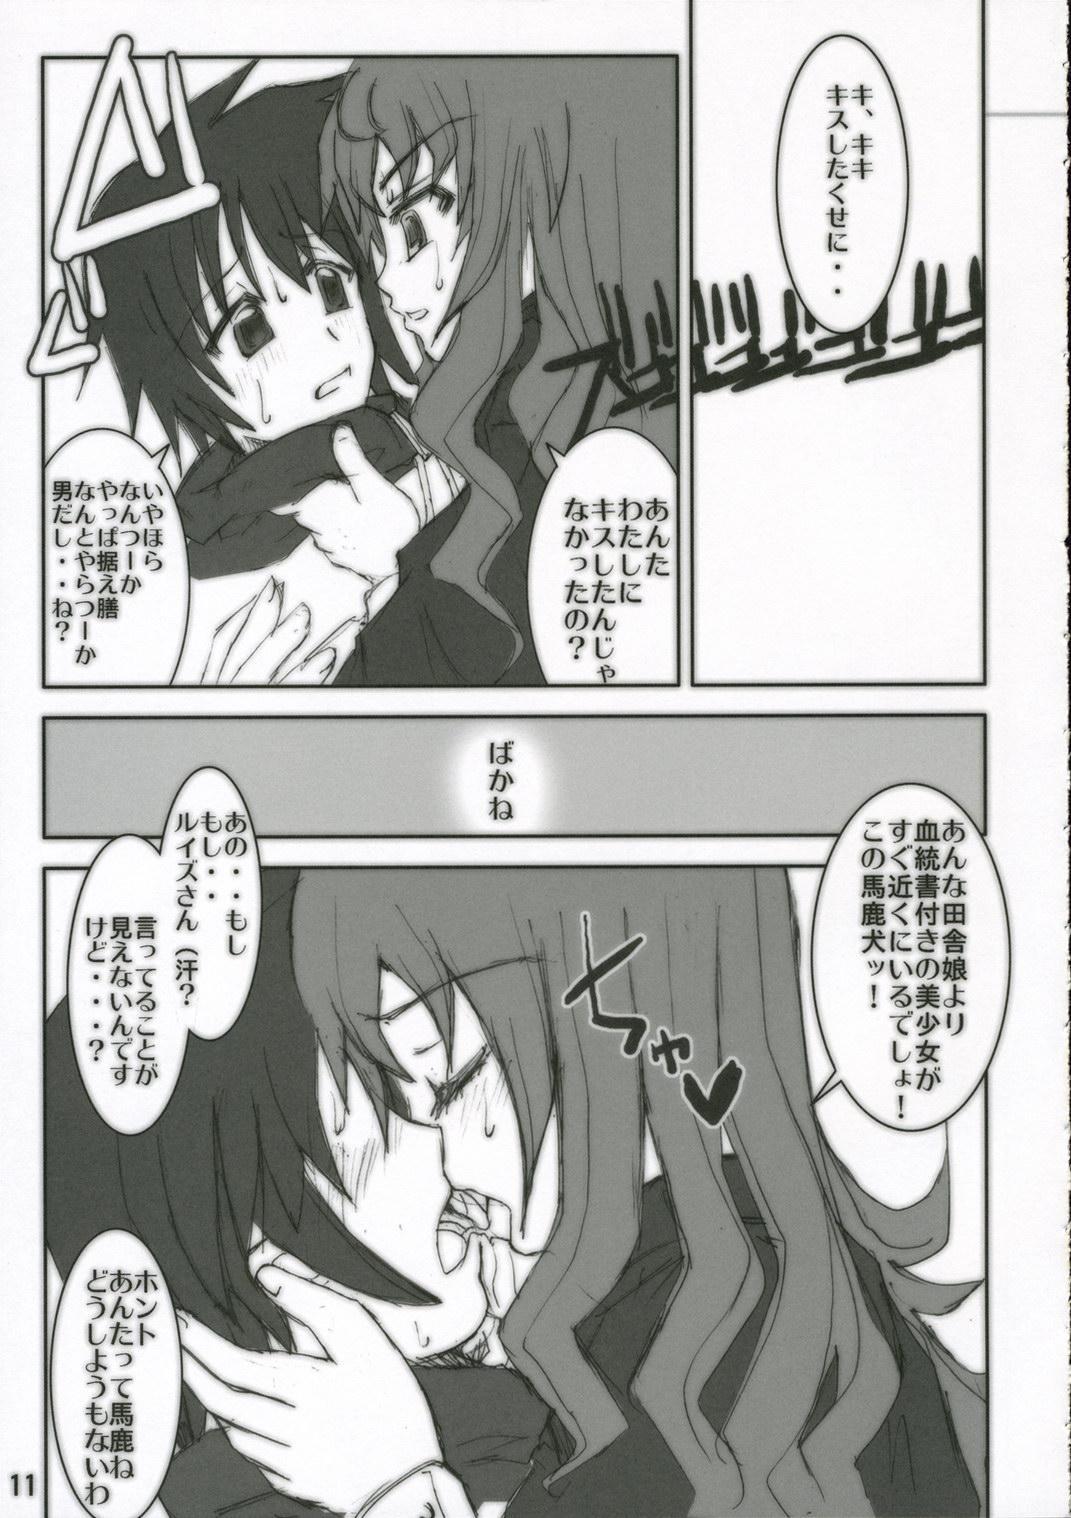 Hajimete no Inu 11